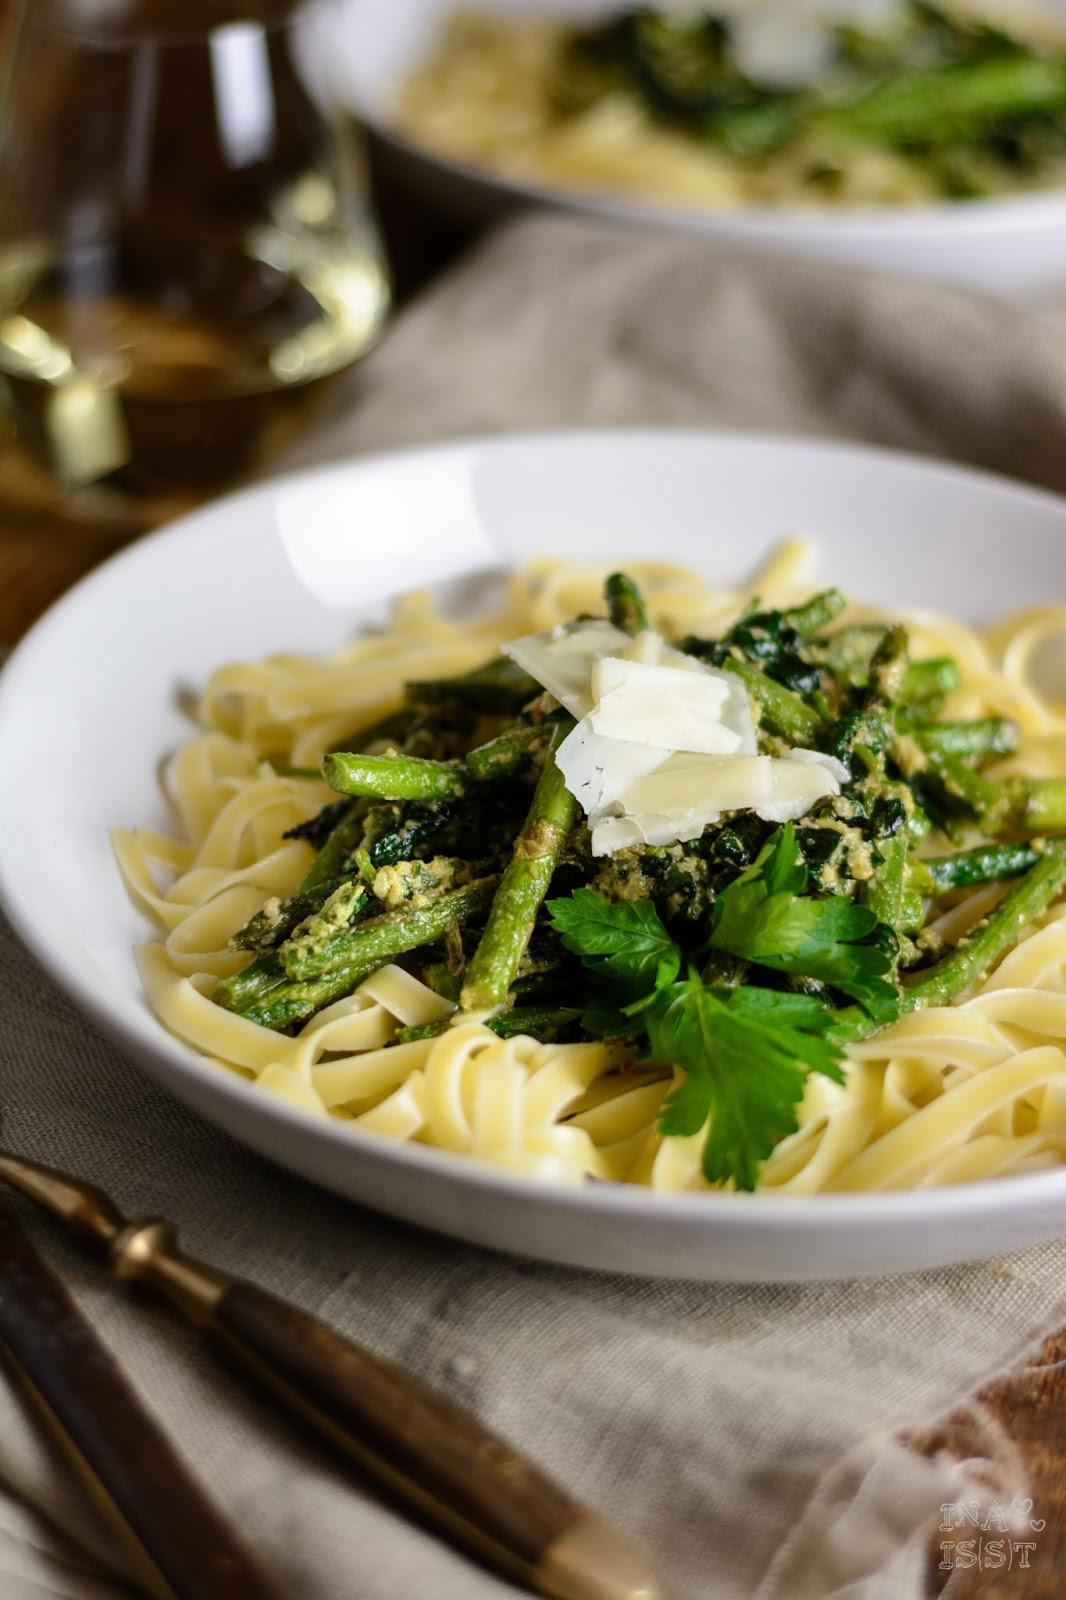 Nudeln mit grünem Spargel, Spinat und Petersilienpesto, Tagliattel, Pasta mit grünem Spargel, Ina Is(s)t